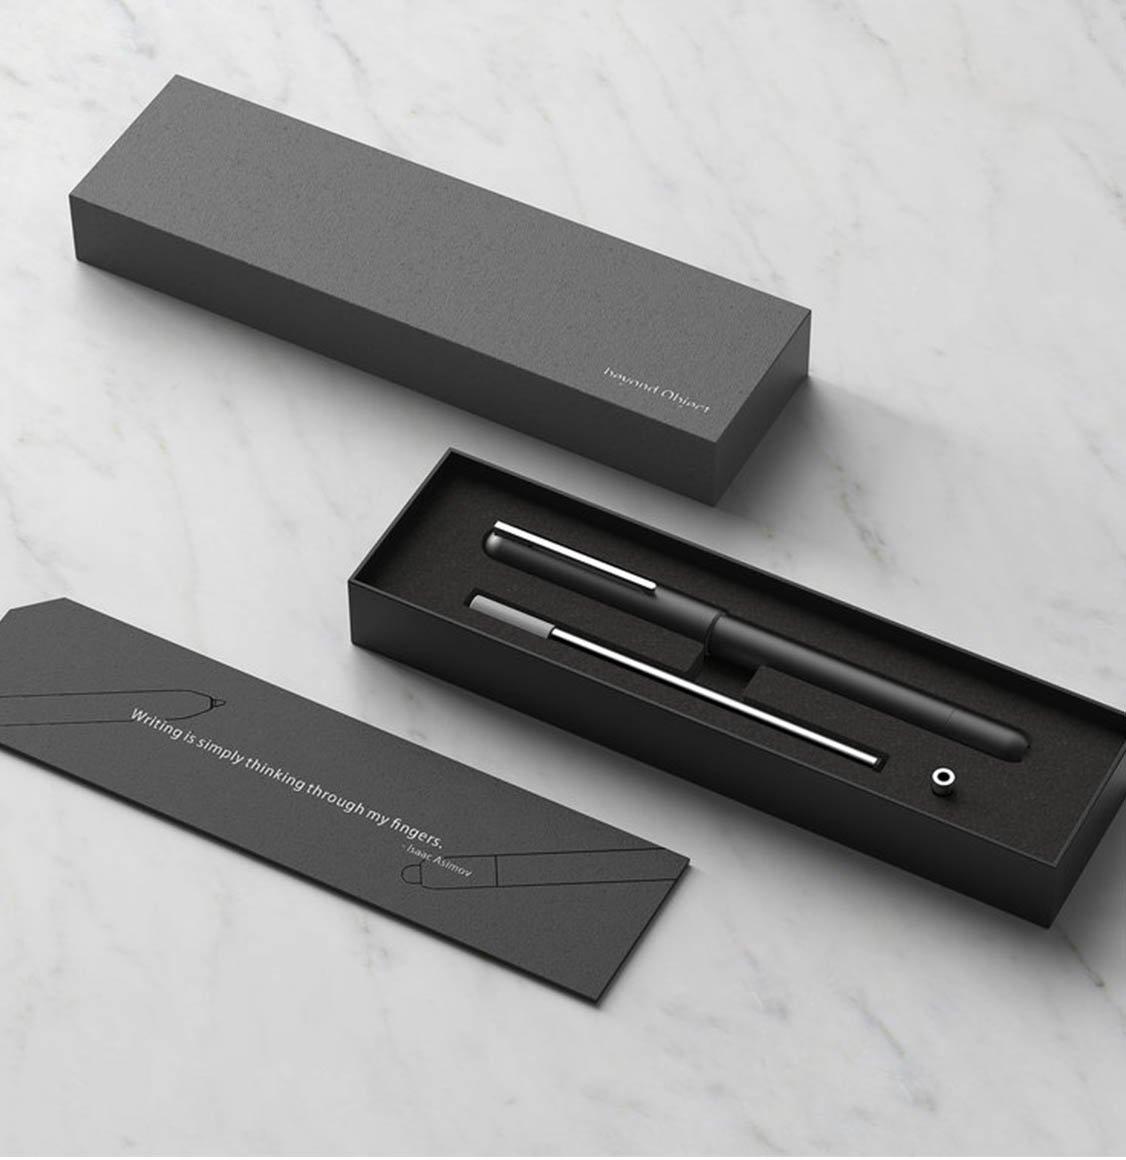 Beyond Object Dueto Dual Pen Gun Metal